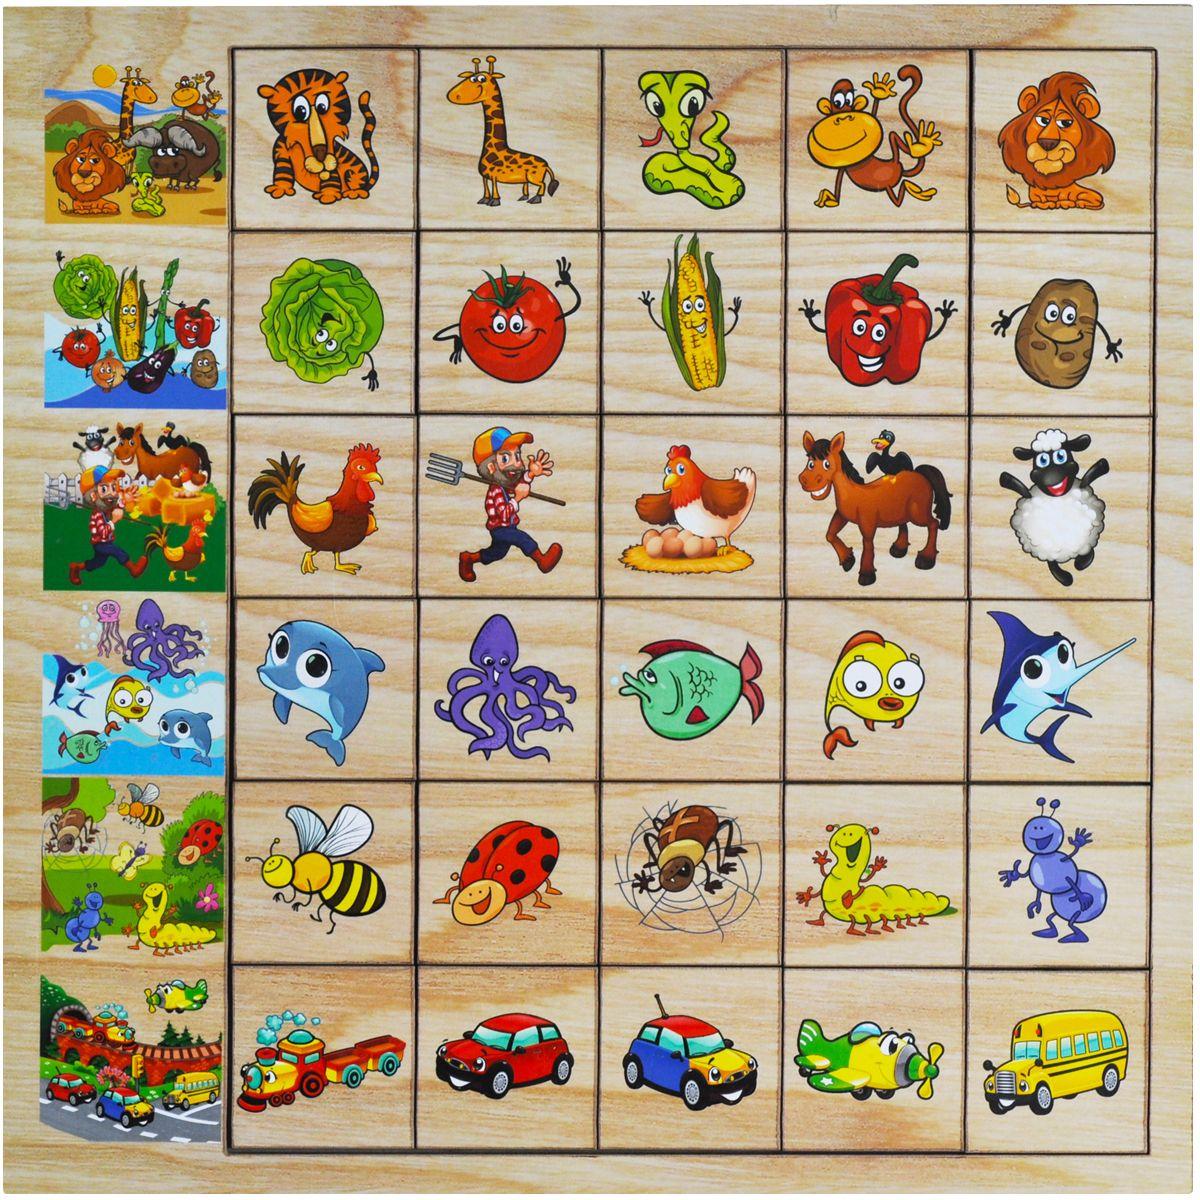 Фабрика Мастер игрушек Обучающая игра Ассоциации